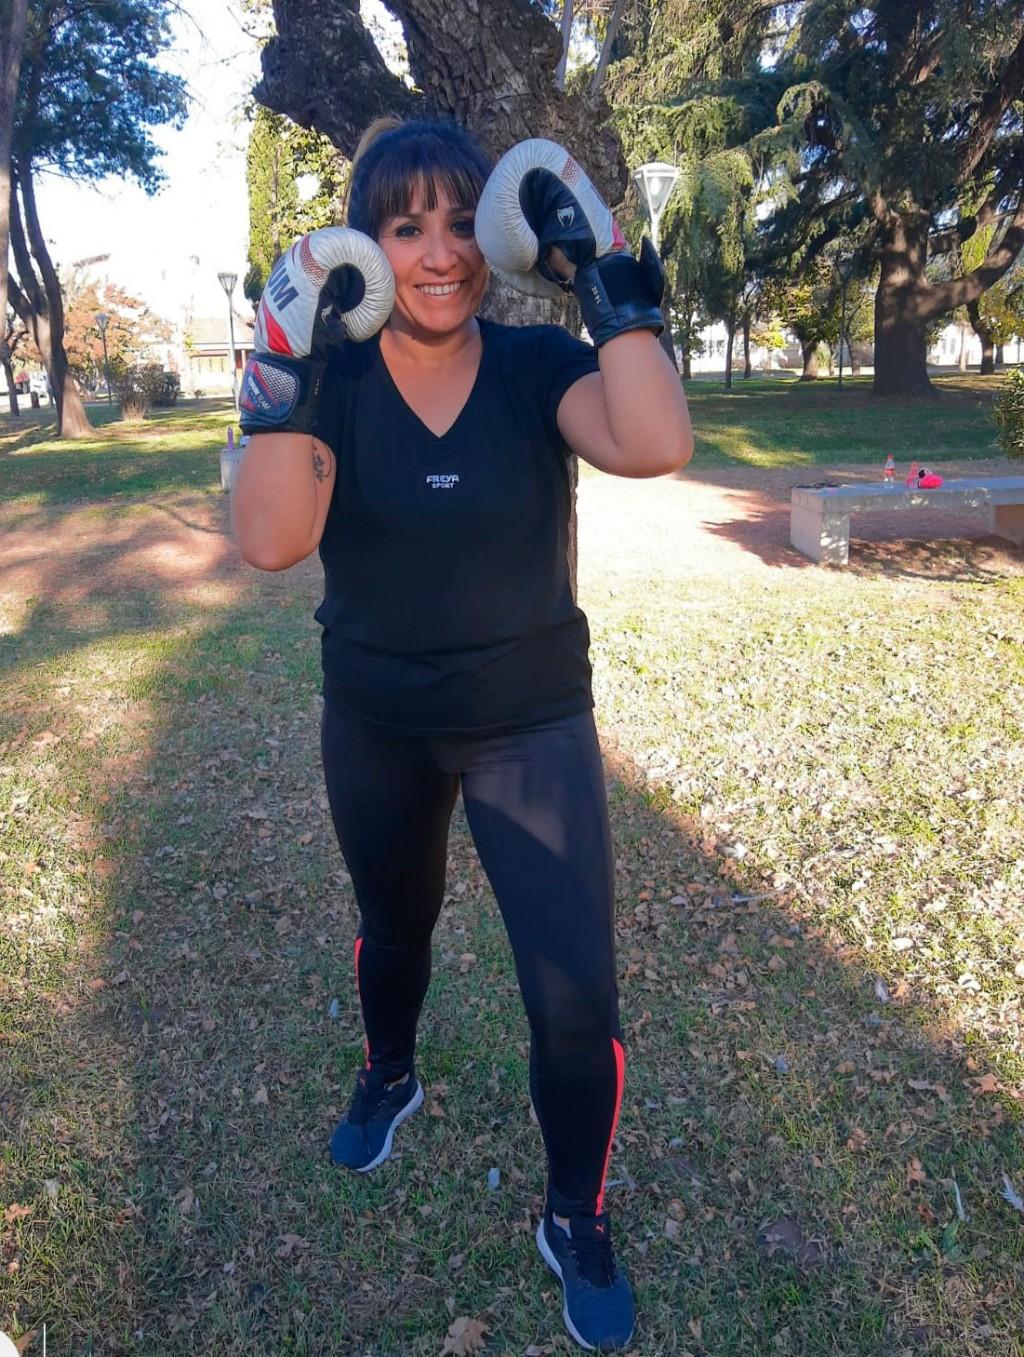 """Liliana Gorosito: """"Me enamoró la energía que hay ahí. Los compañeros que te motivan a seguir y no rendirte"""""""